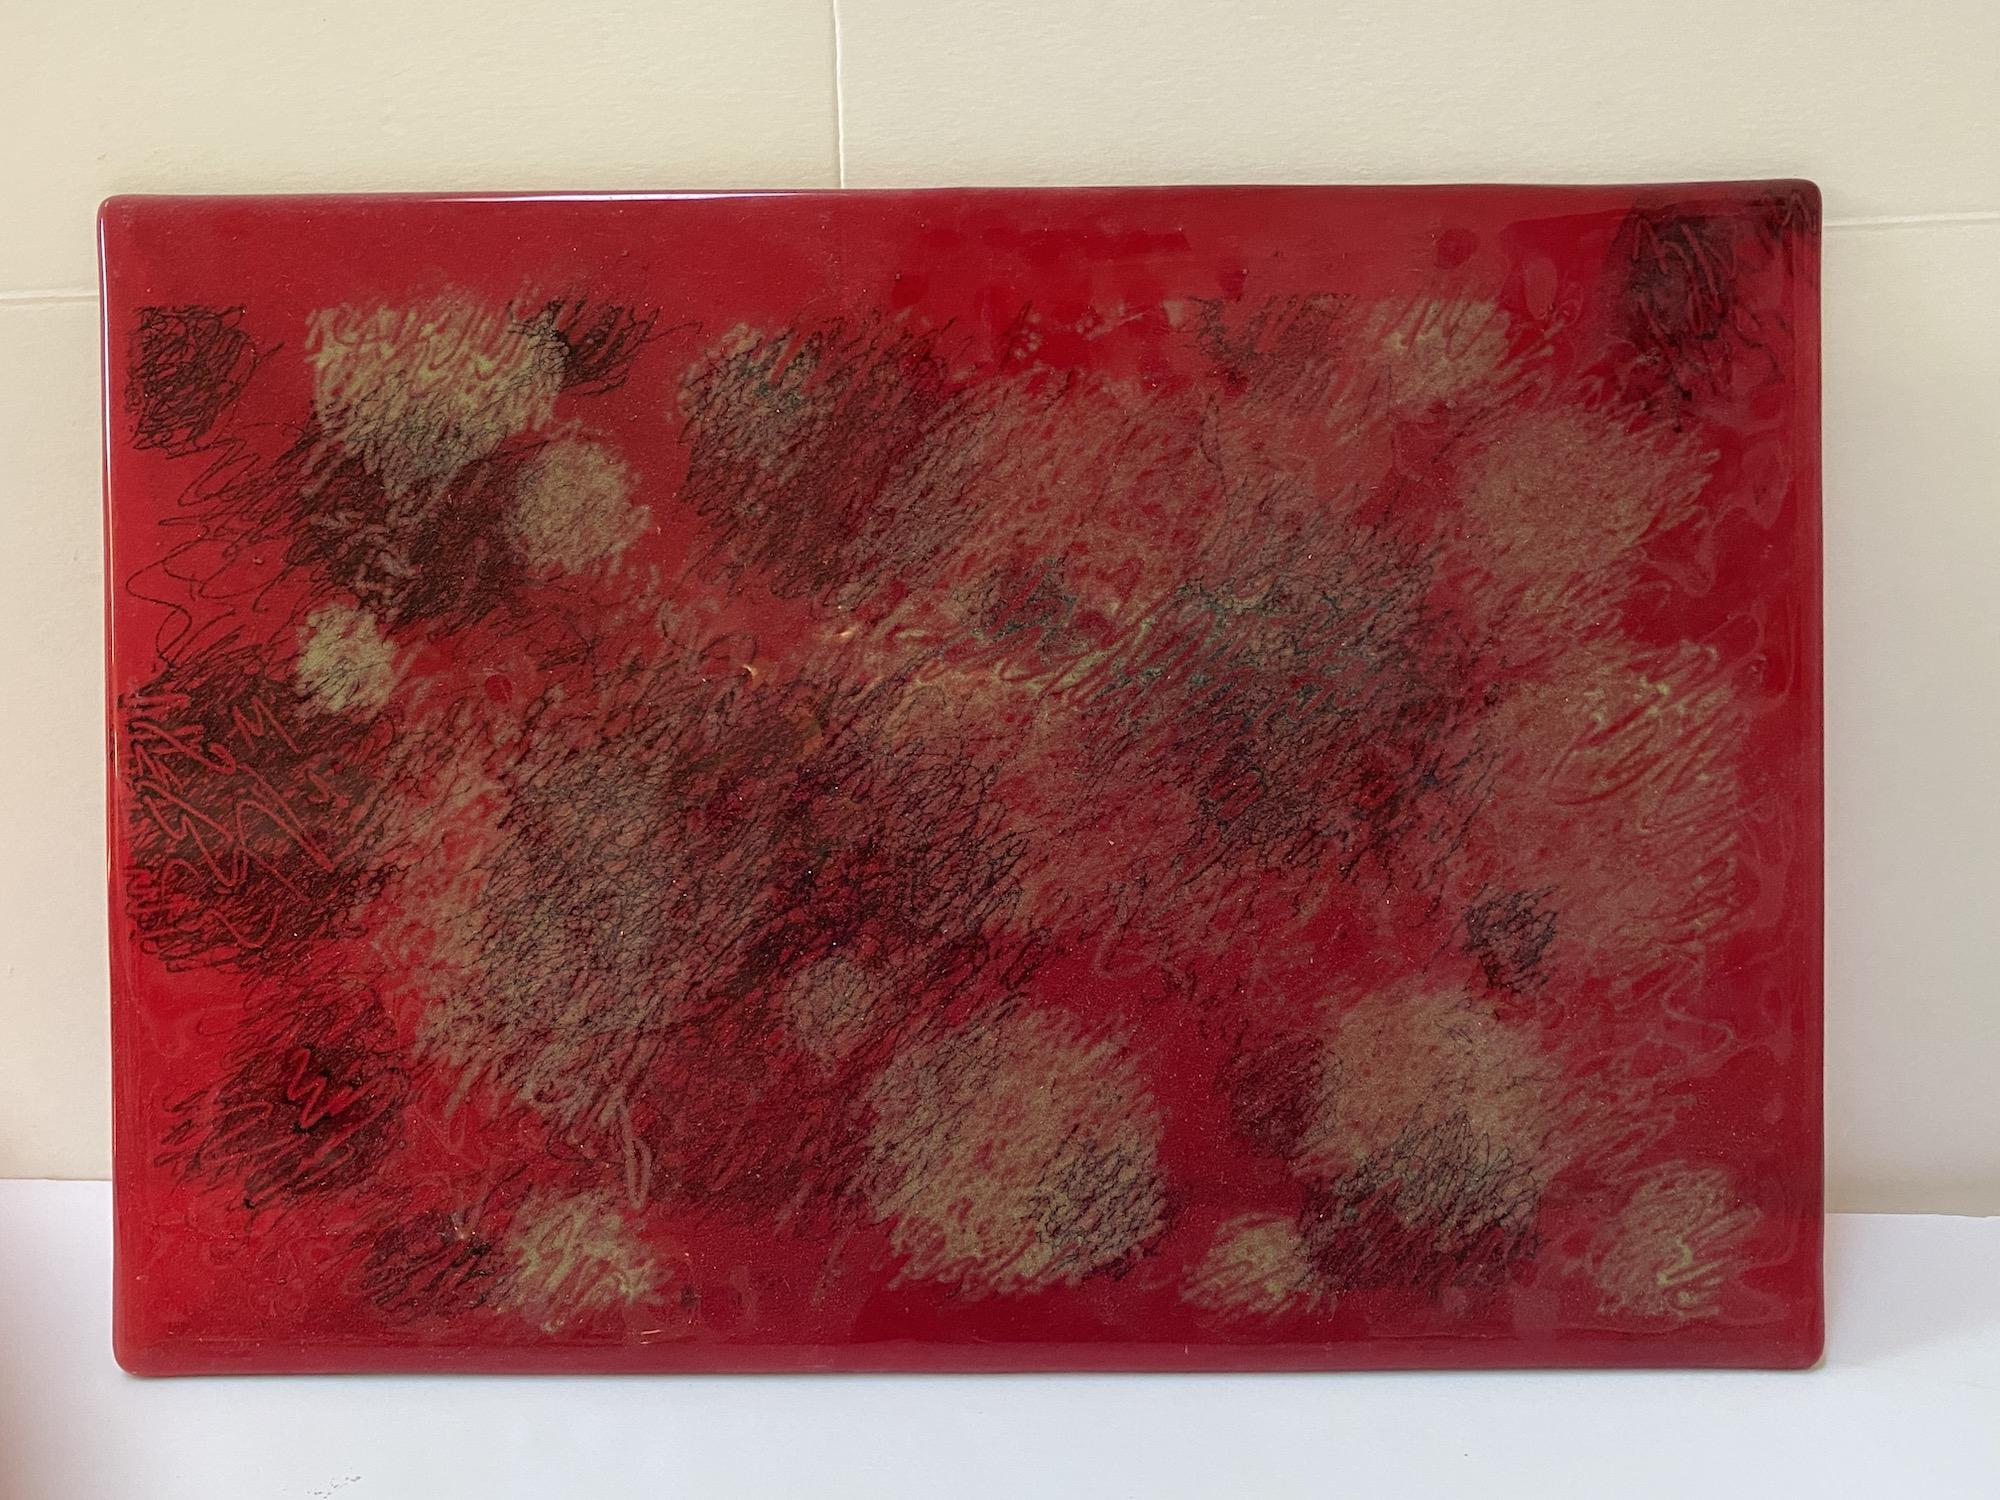 Detangled Panel, Red